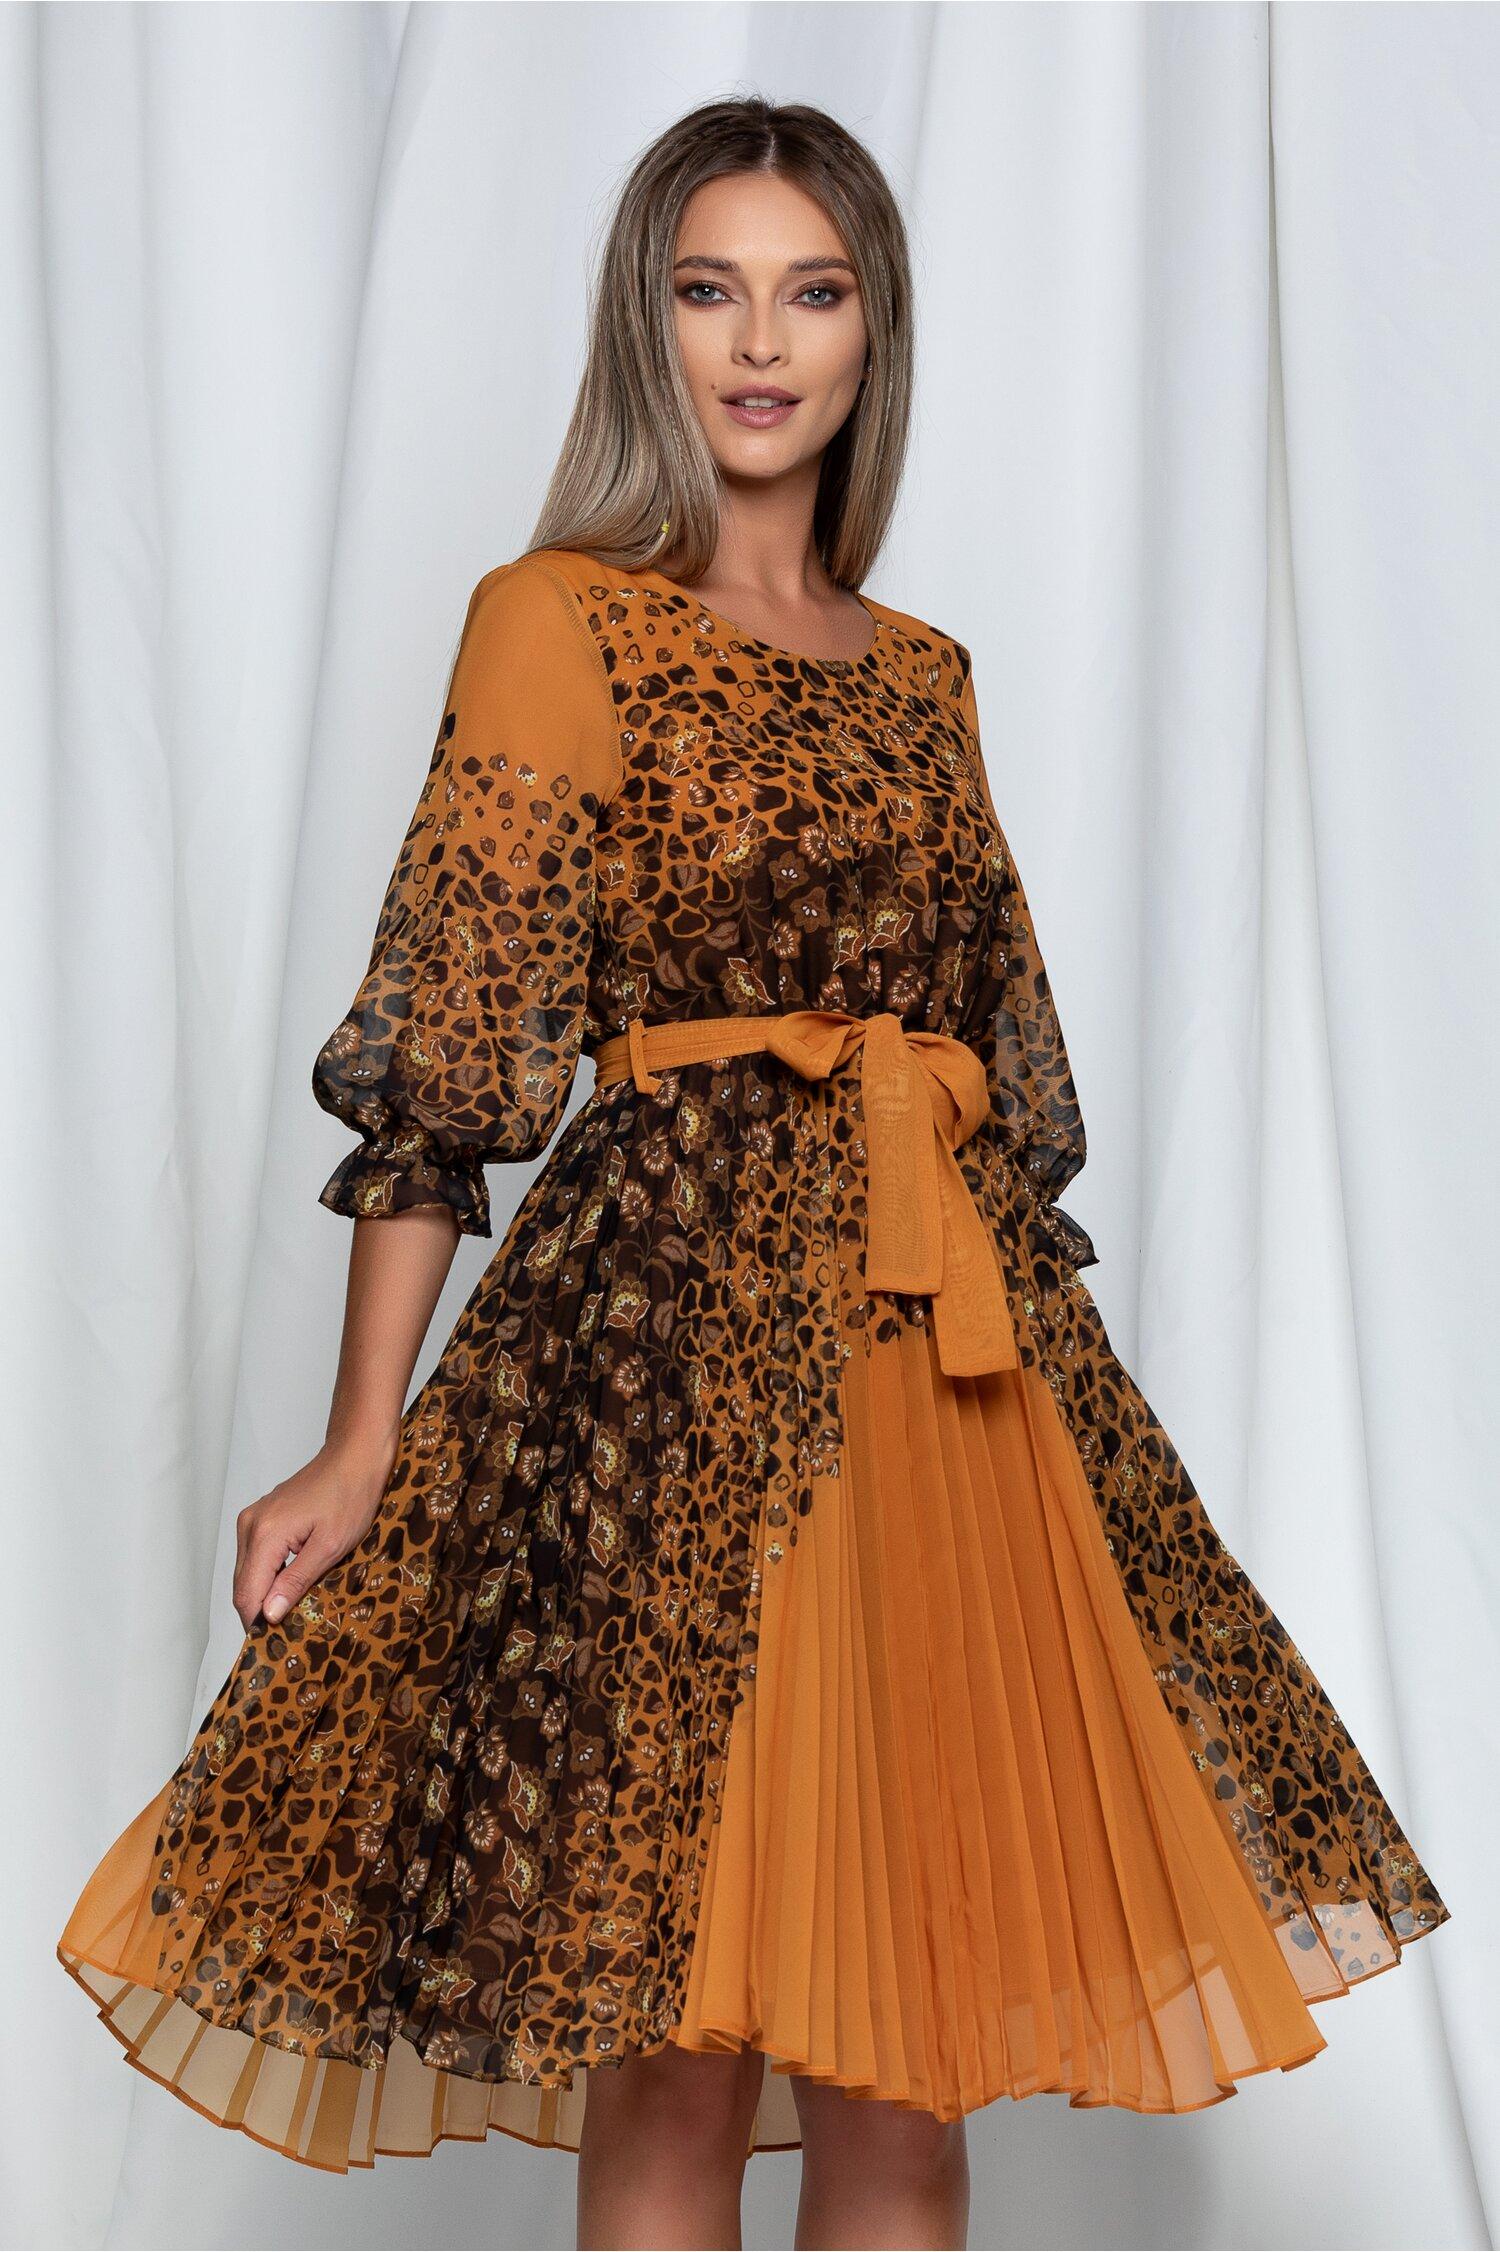 Rochie Mara din voal galben mustar cu imprimeuri maro